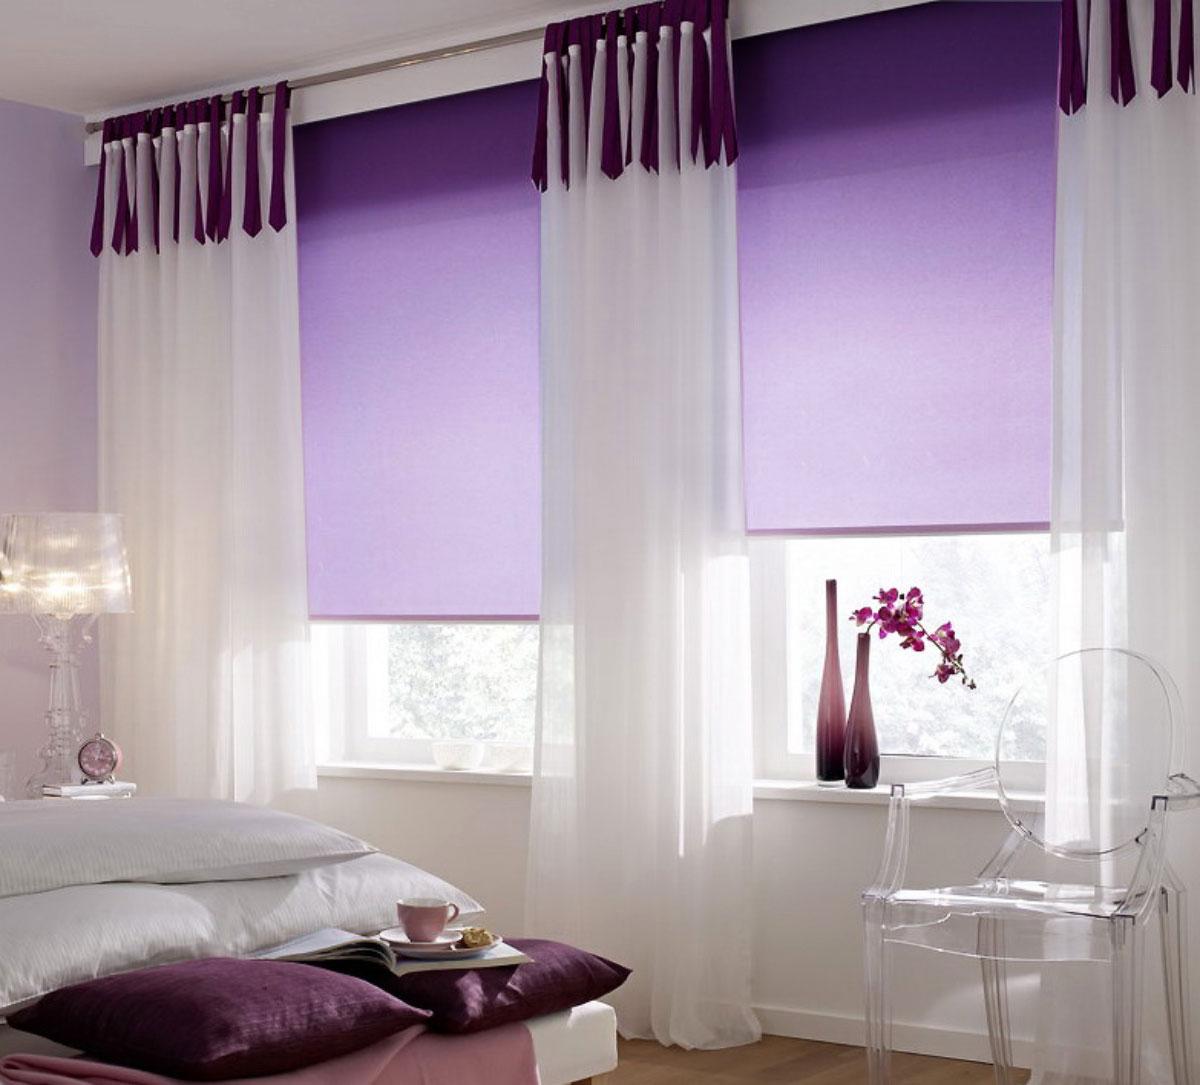 Штора рулонная KauffOrt Миниролло, цвет: фиолетовый, ширина 115 см, высота 170 см3115007Рулонная штора Миниролло выполнена из высокопрочной ткани, которая сохраняет свой размер даже при намокании. Ткань не выцветает и обладает отличной цветоустойчивостью.Миниролло - это подвид рулонных штор, который закрывает не весь оконный проем, а непосредственно само стекло. Такие шторы крепятся на раму без сверления при помощи зажимов или клейкой двухсторонней ленты (в комплекте). Окно остается на гарантии, благодаря монтажу без сверления. Такая штора станет прекрасным элементом декора окна и гармонично впишется в интерьер любого помещения.